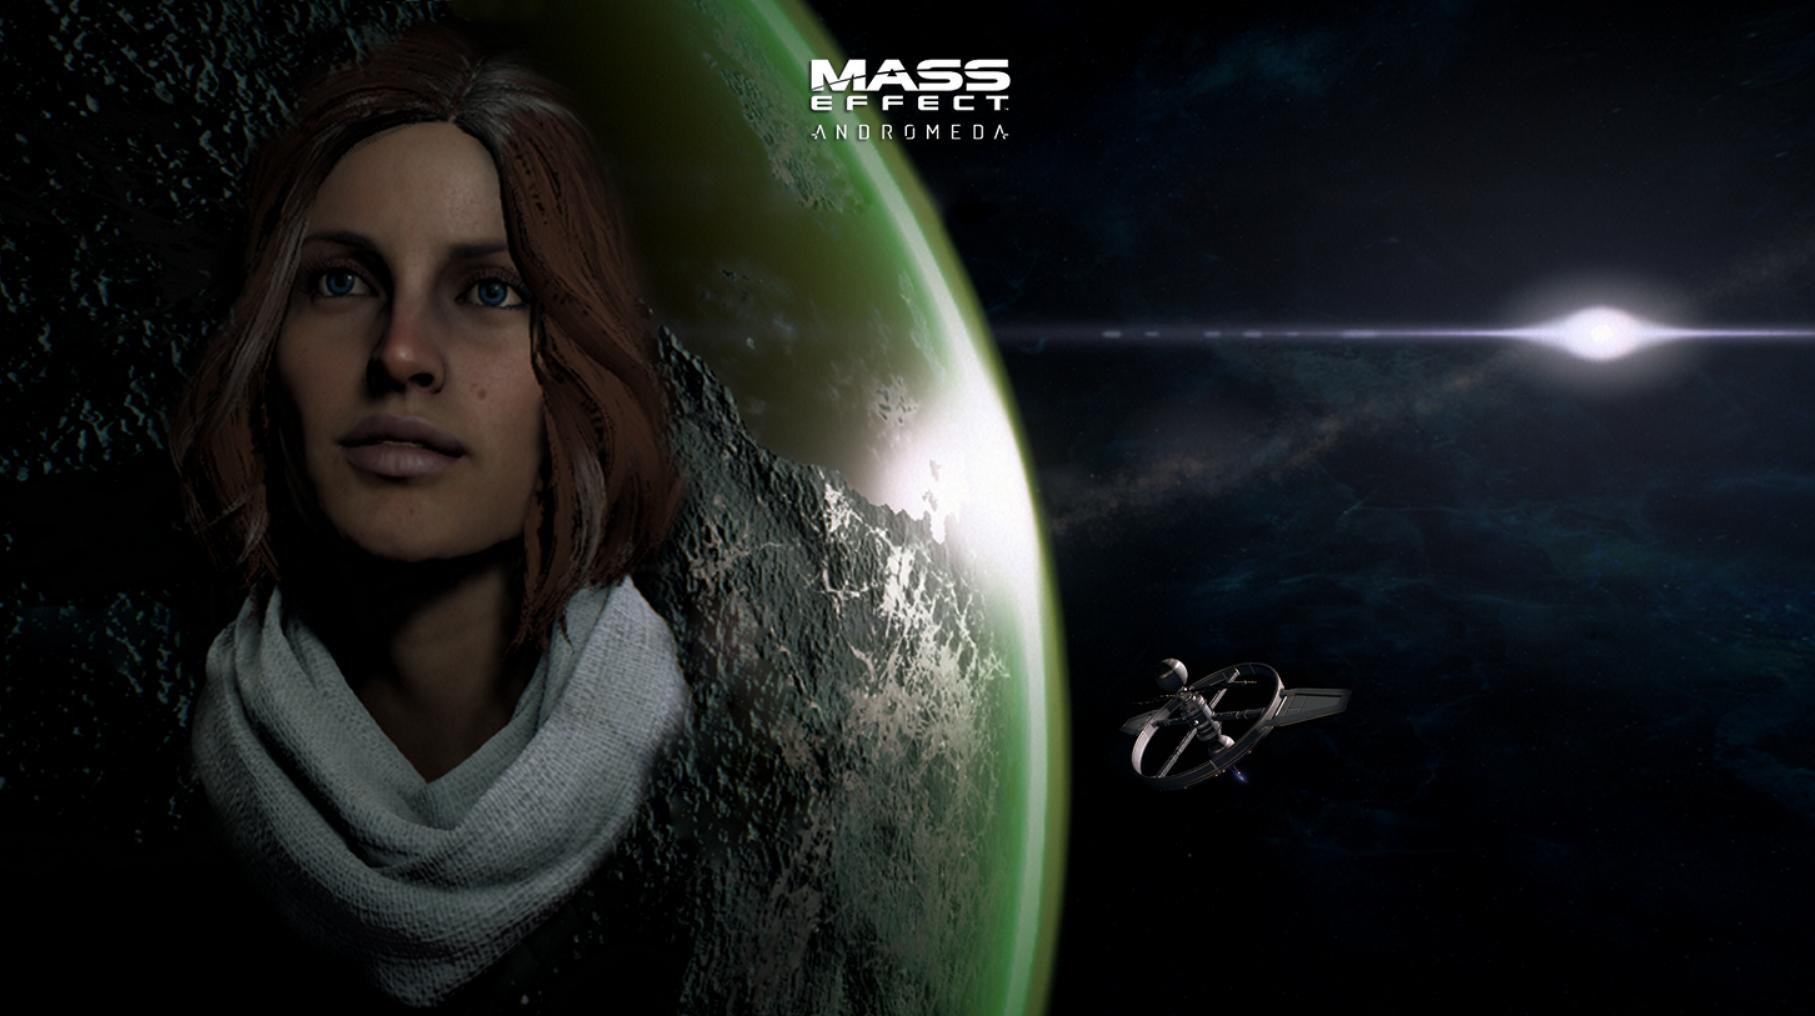 Mass Effect Andromeda (Sara Raider).png - Mass Effect: Andromeda